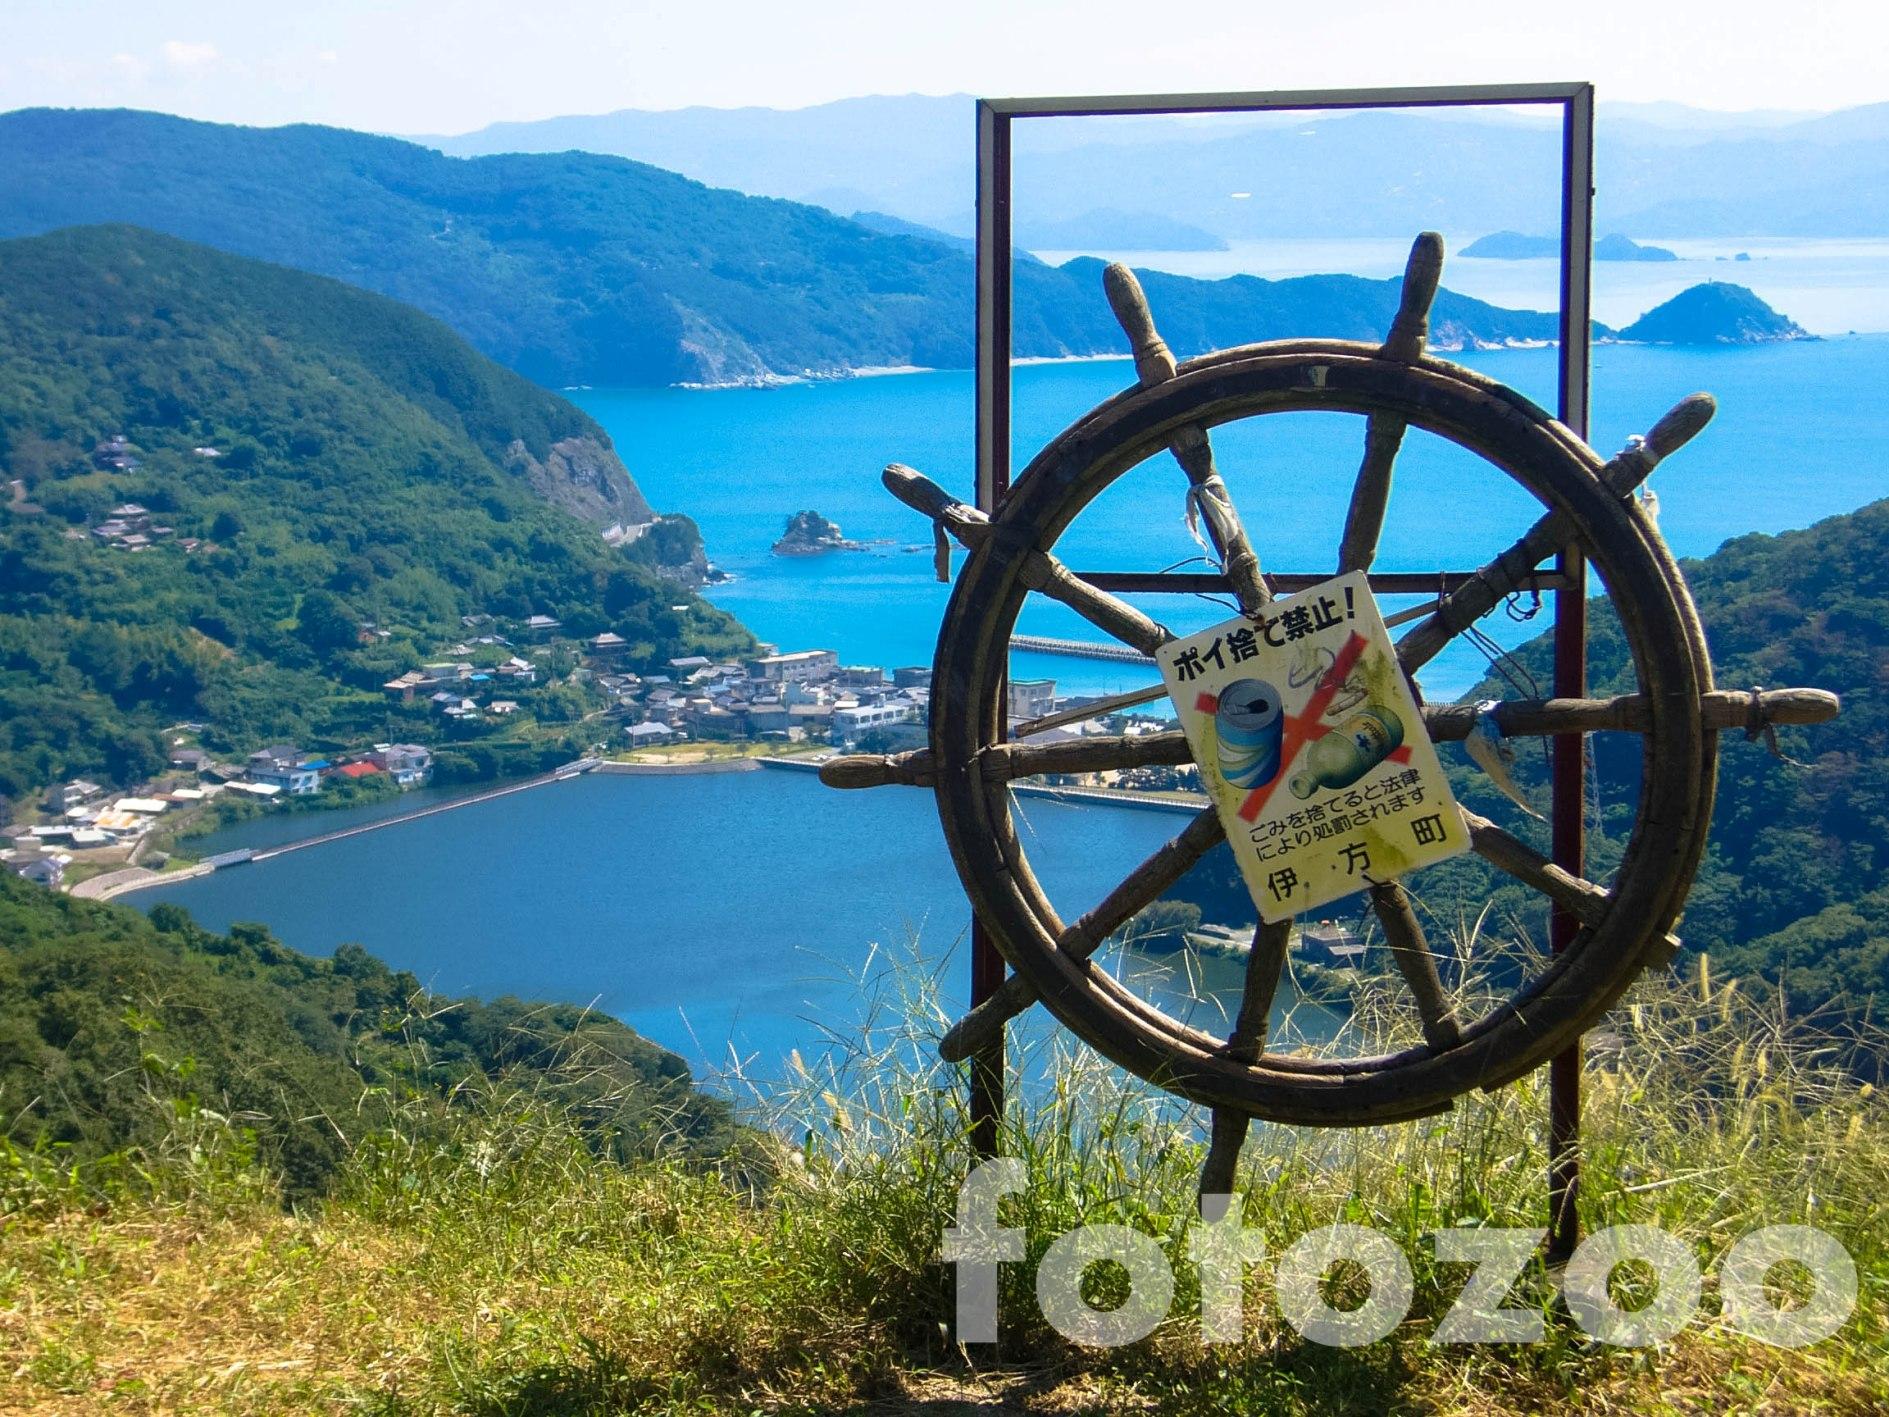 Sadamisaki-félsziget, amely óriási vasúti töltésként emelkedik ki a tengerből.